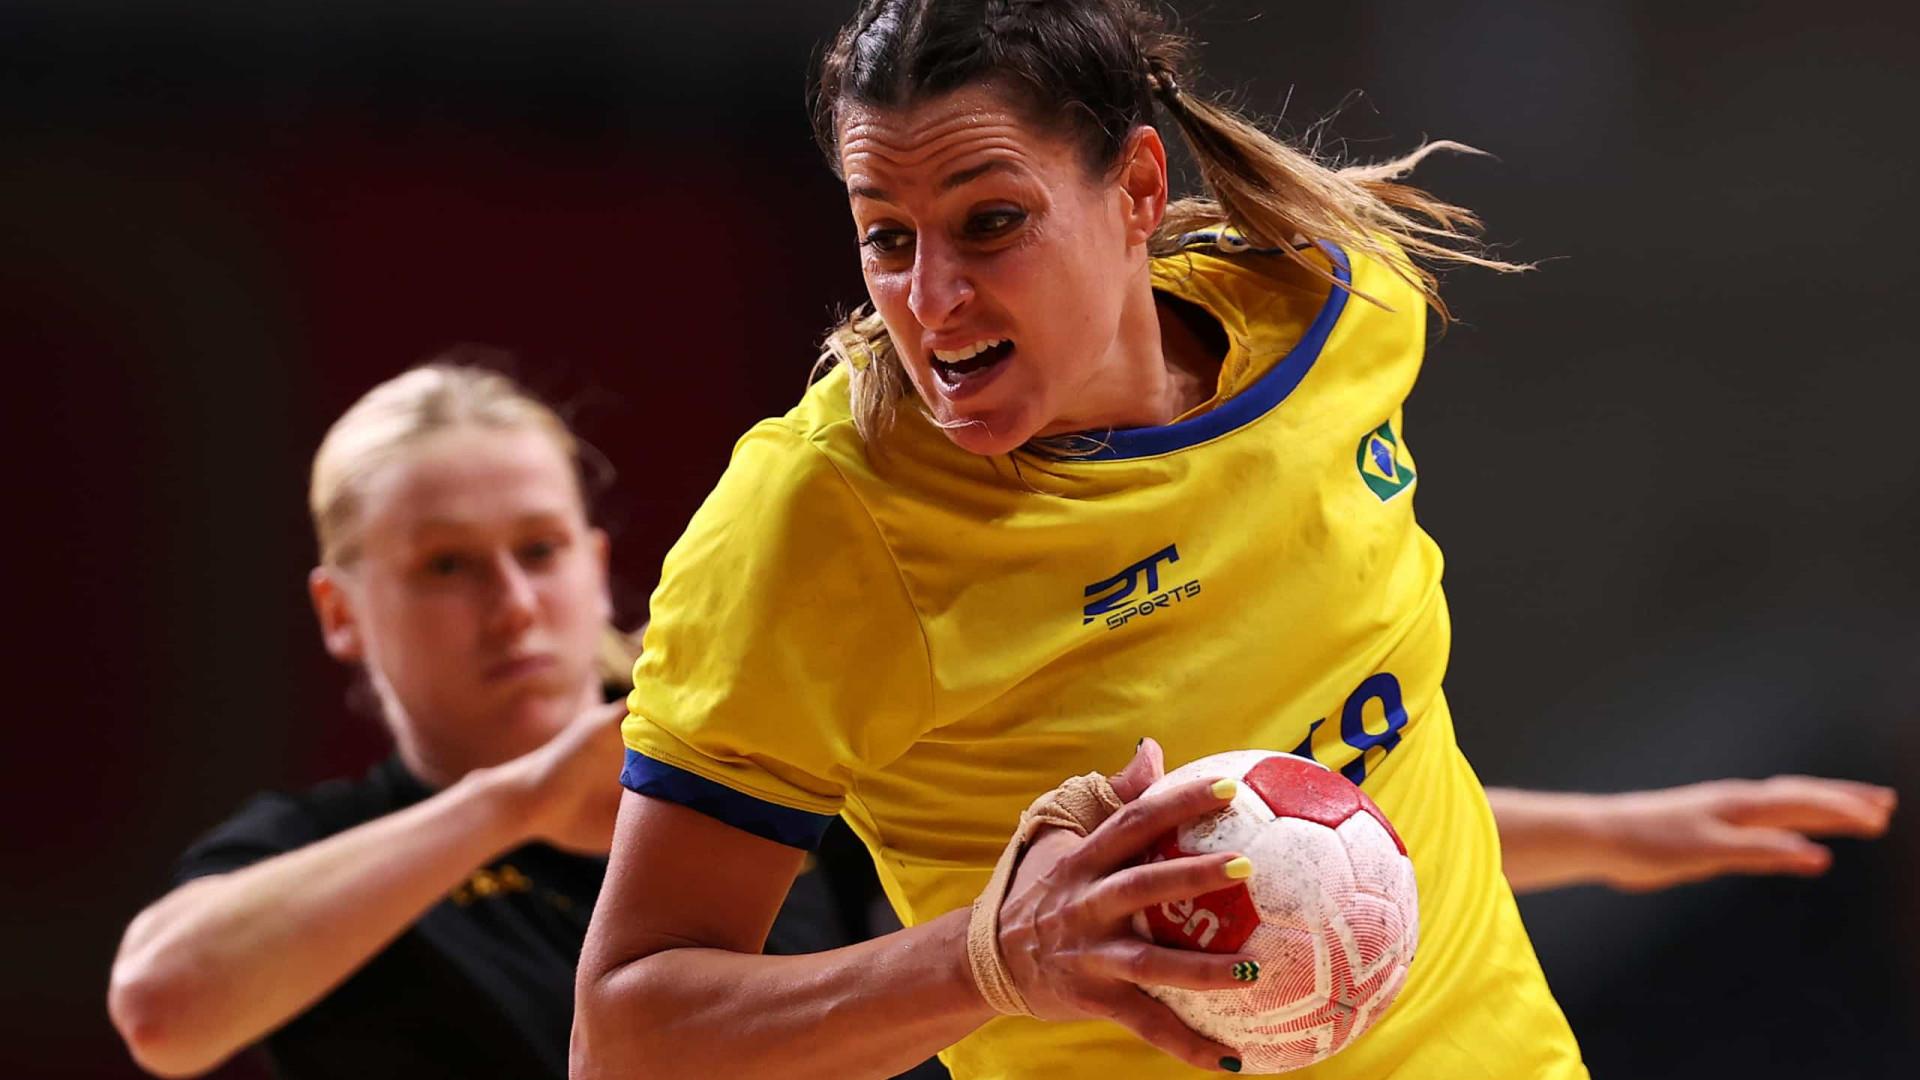 Brasil perde da Suécia e sofre segunda derrota consecutiva no handebol feminino